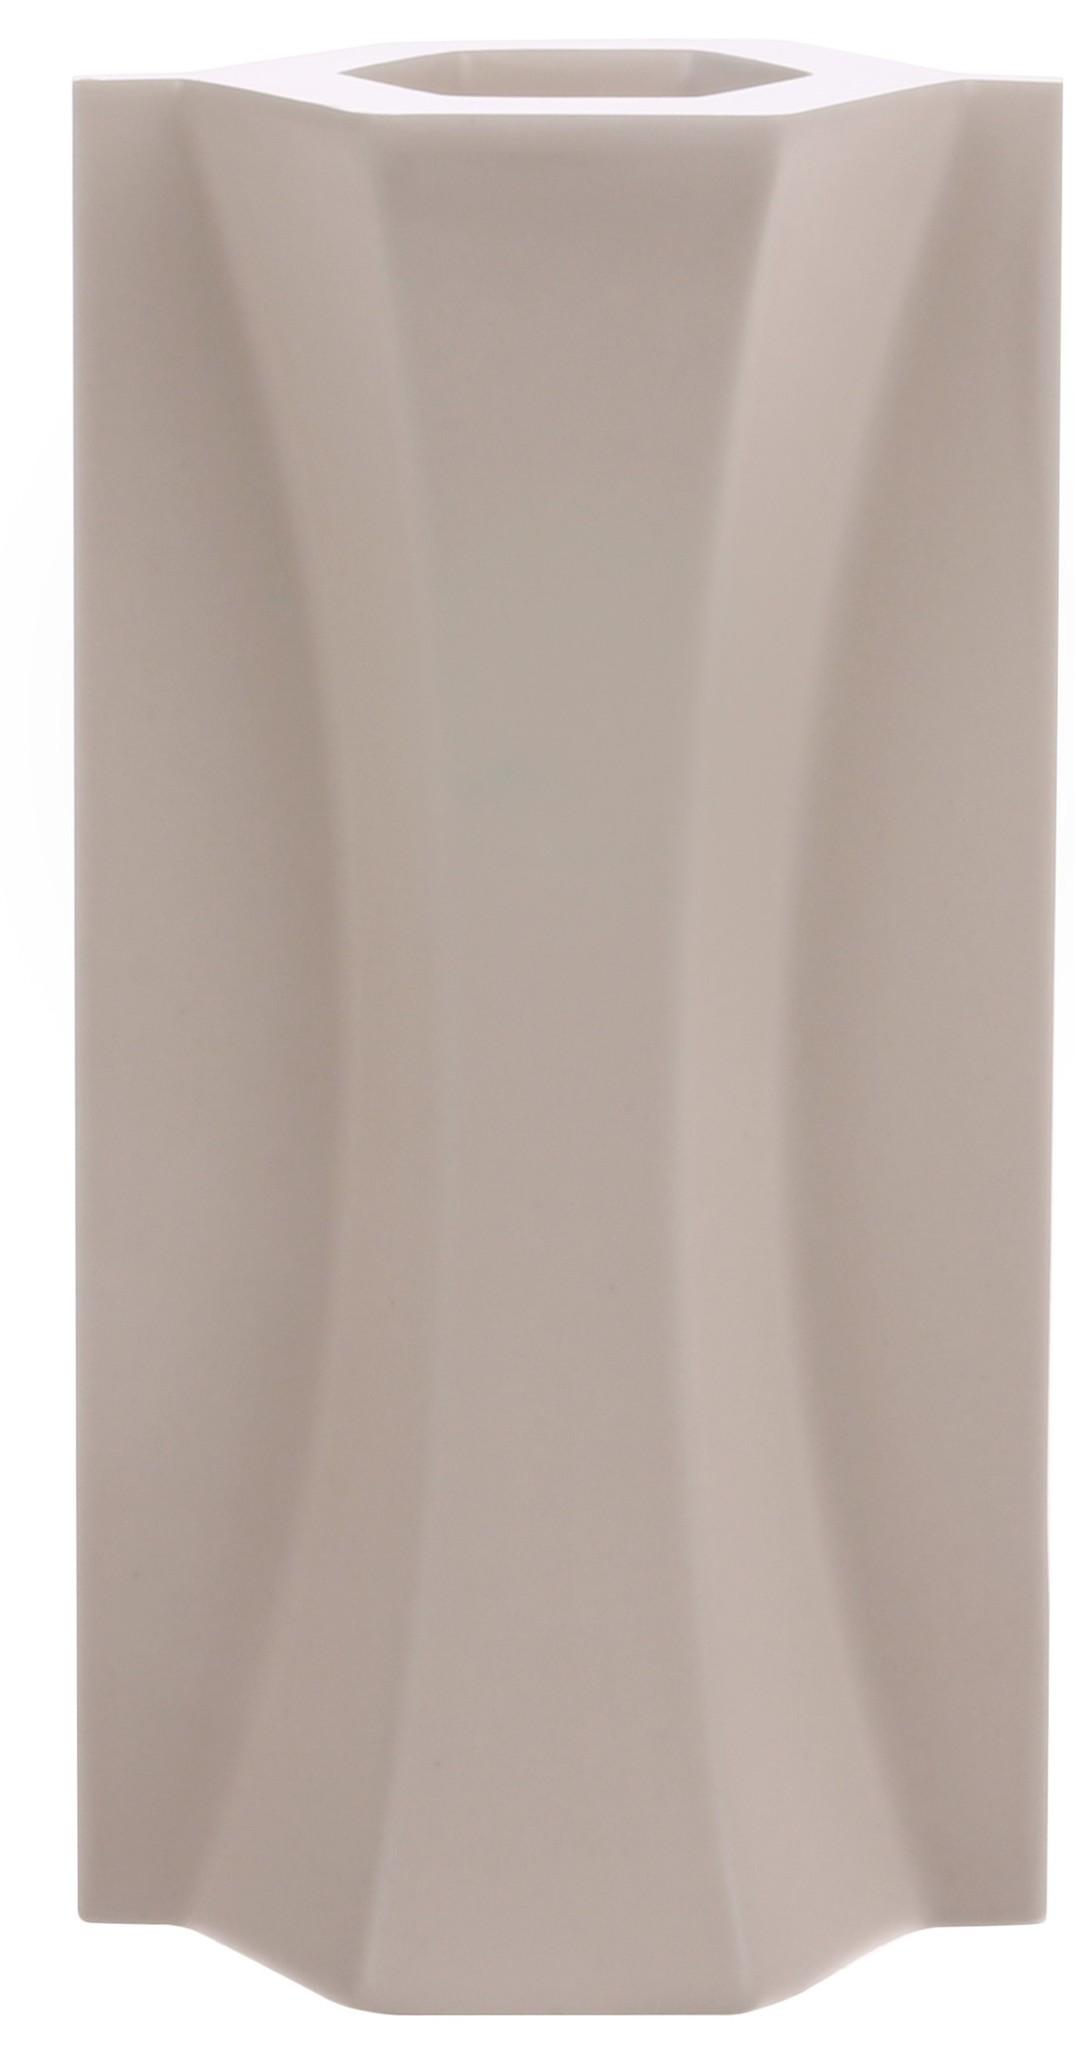 Vaas mold shape flower matt 9x6x18cm Skin-1